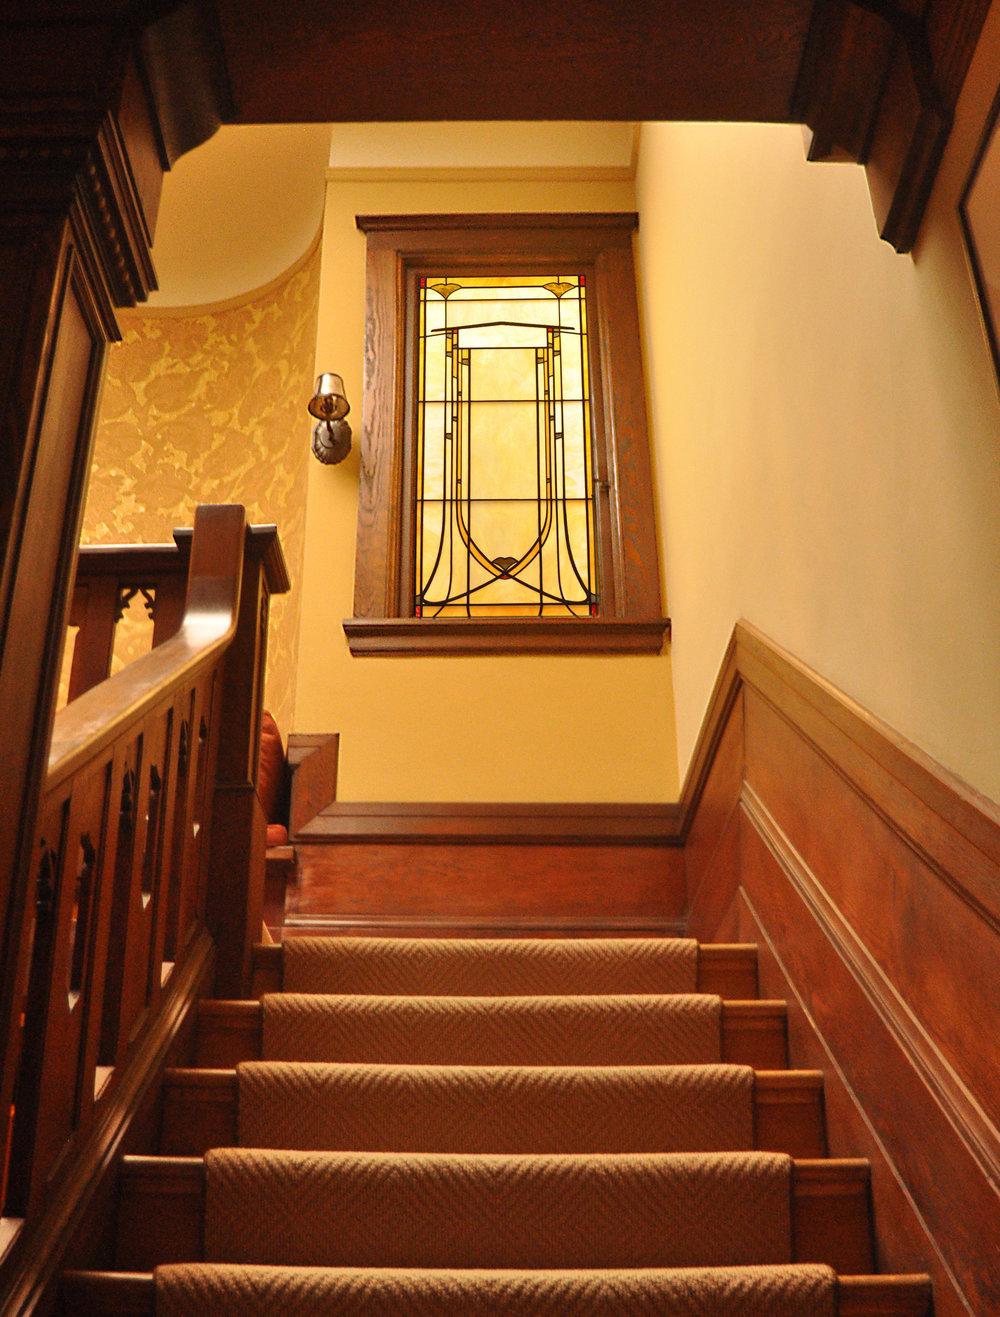 nouveau_ginkgo_stairwell.jpg